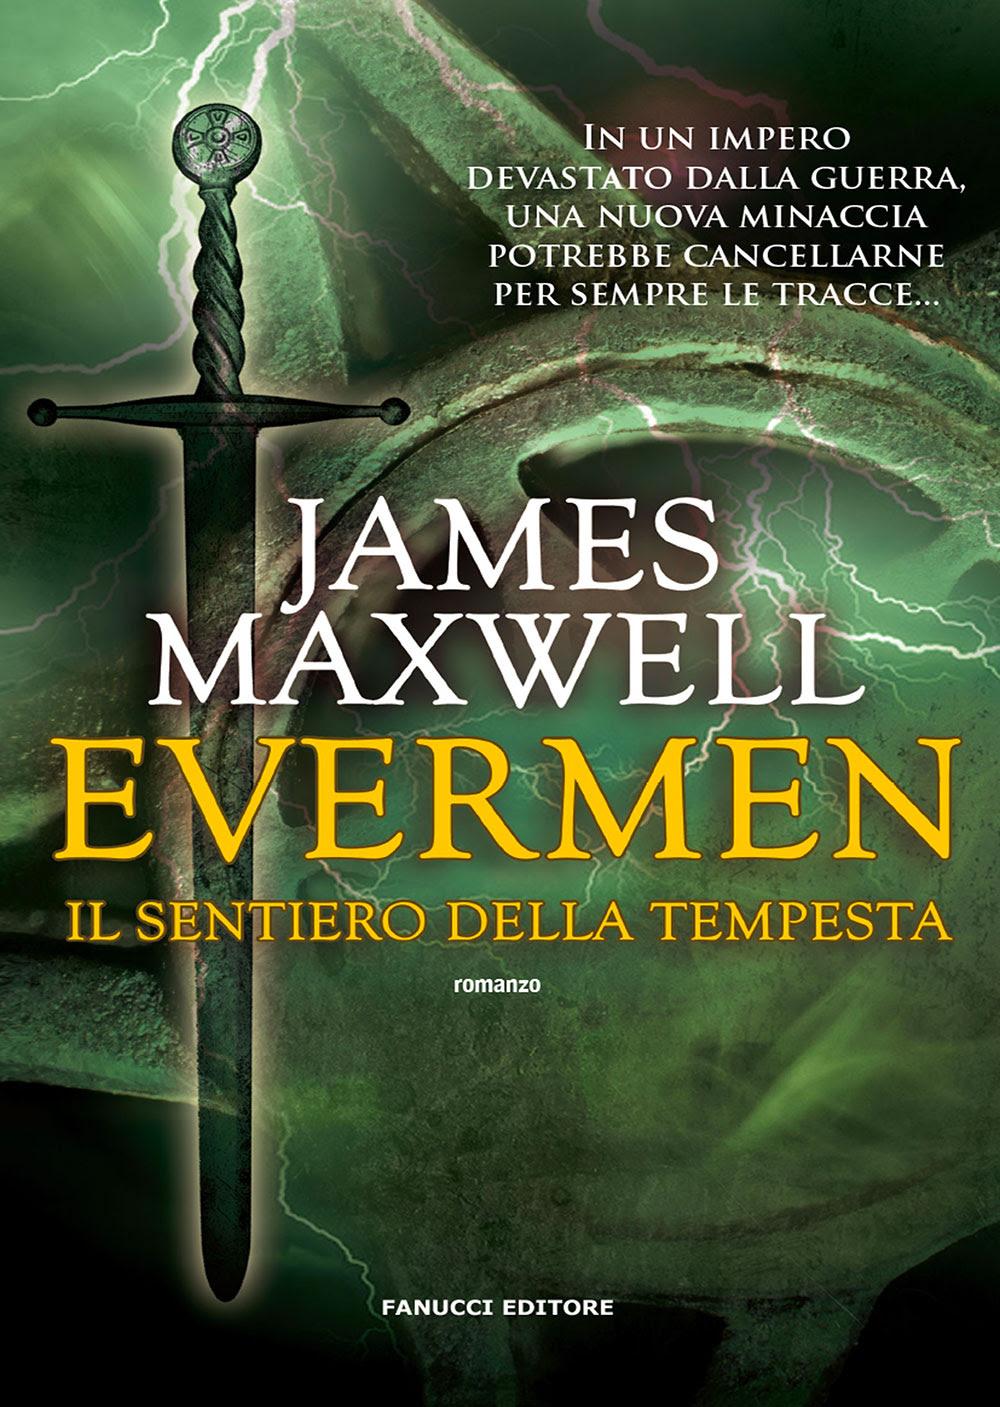 Il sentiero della tempesta Evermen